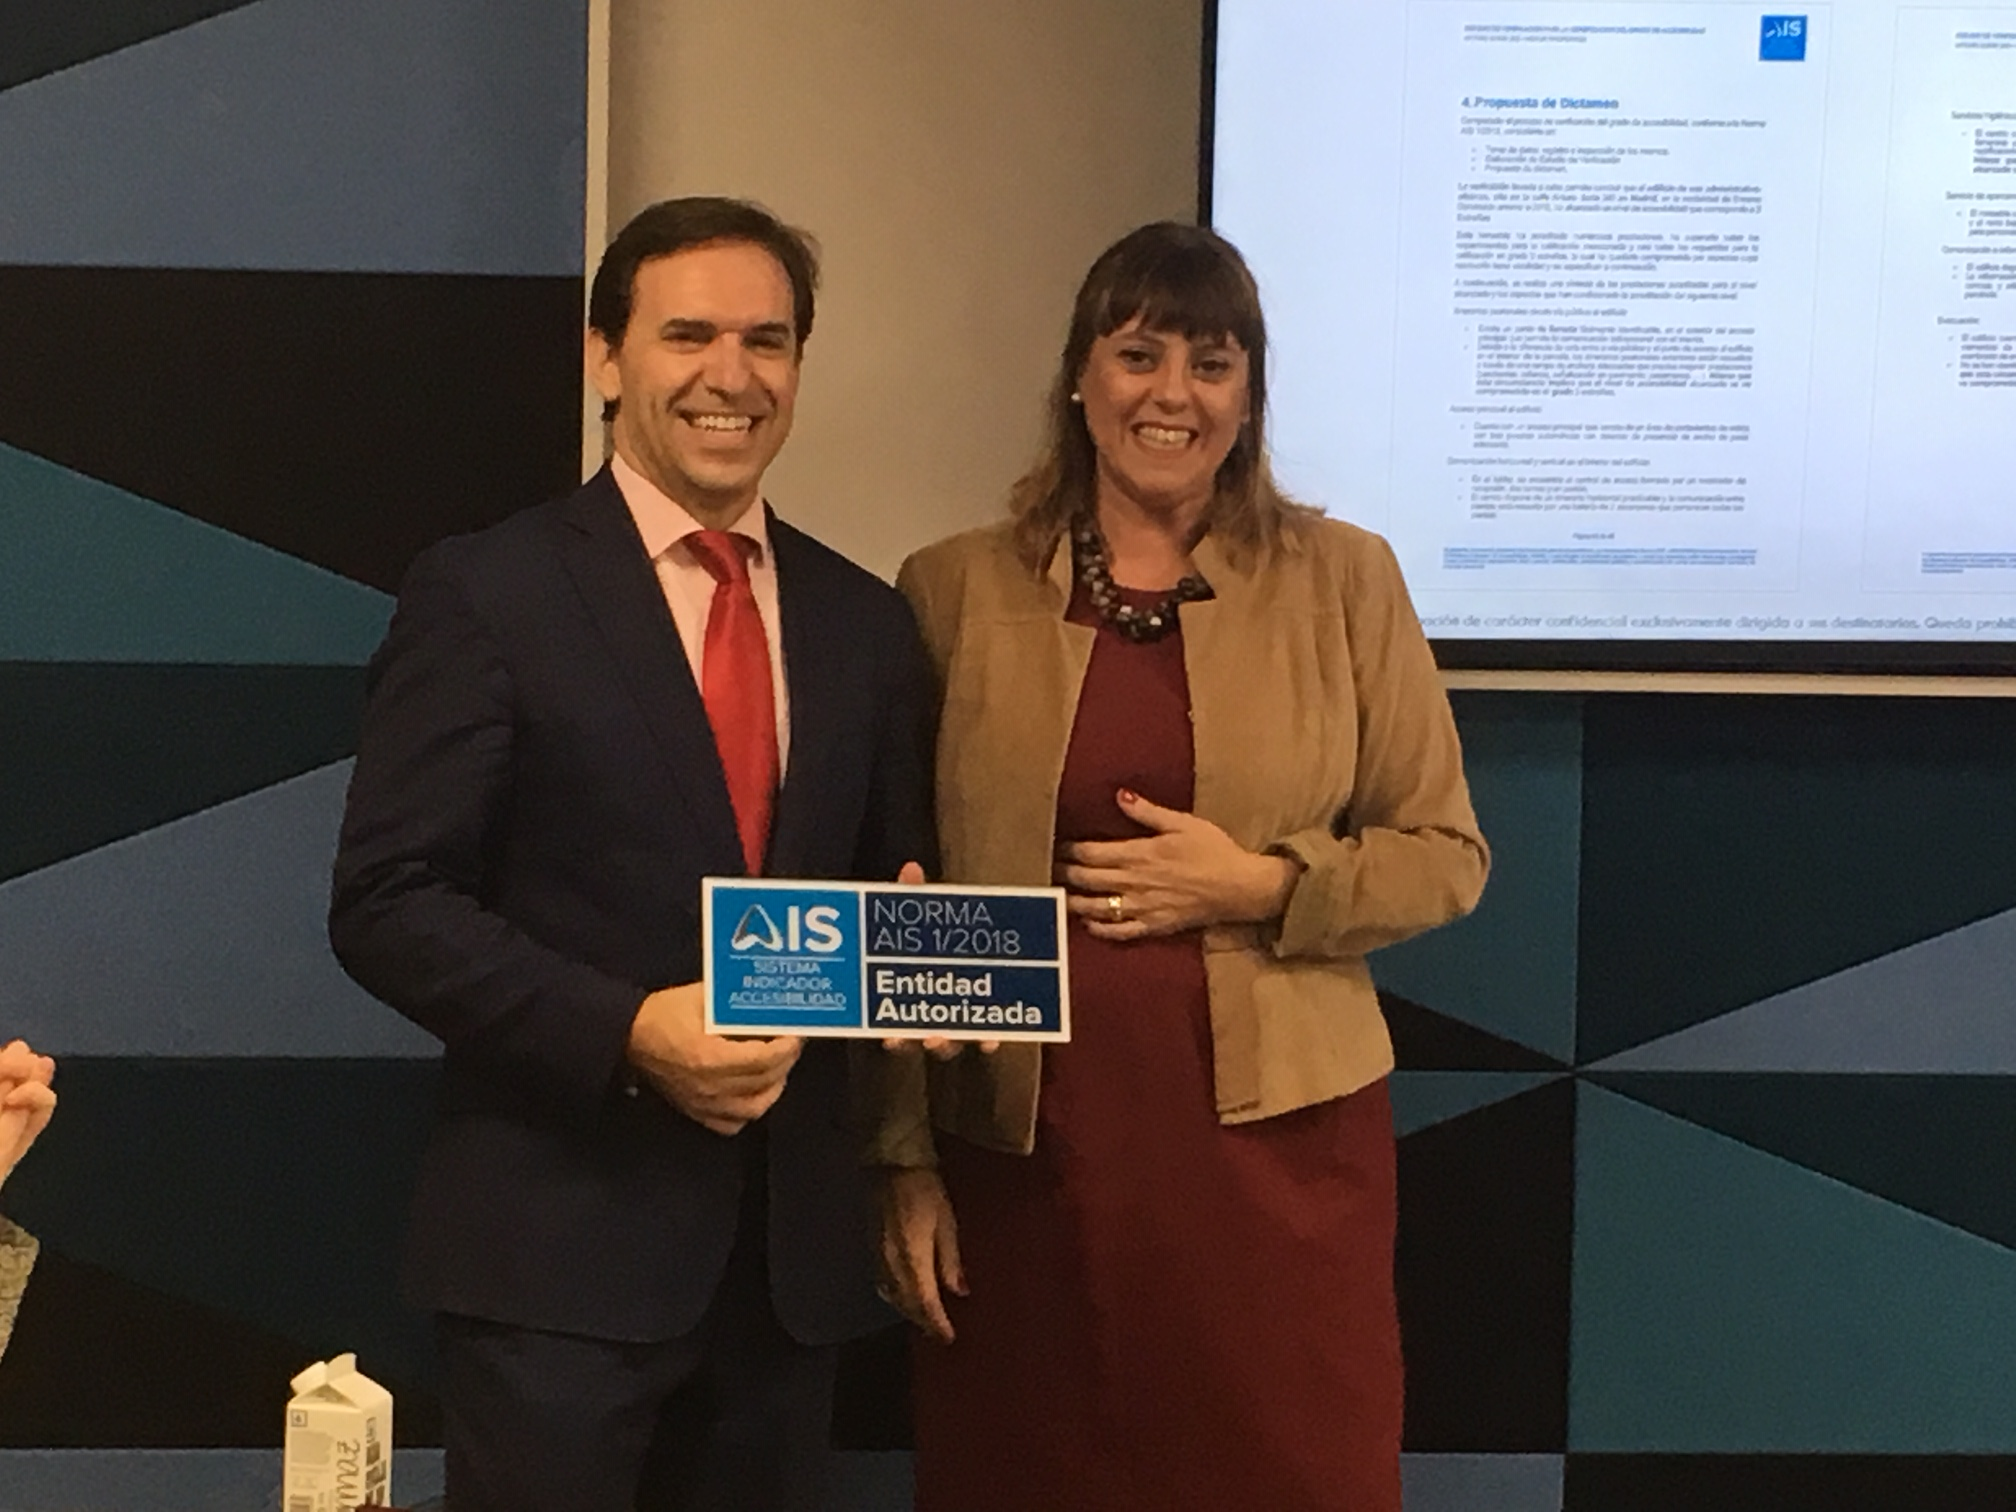 Esther Bienes entrega la placa de Entidad Autorizada a Ignacio Torres a